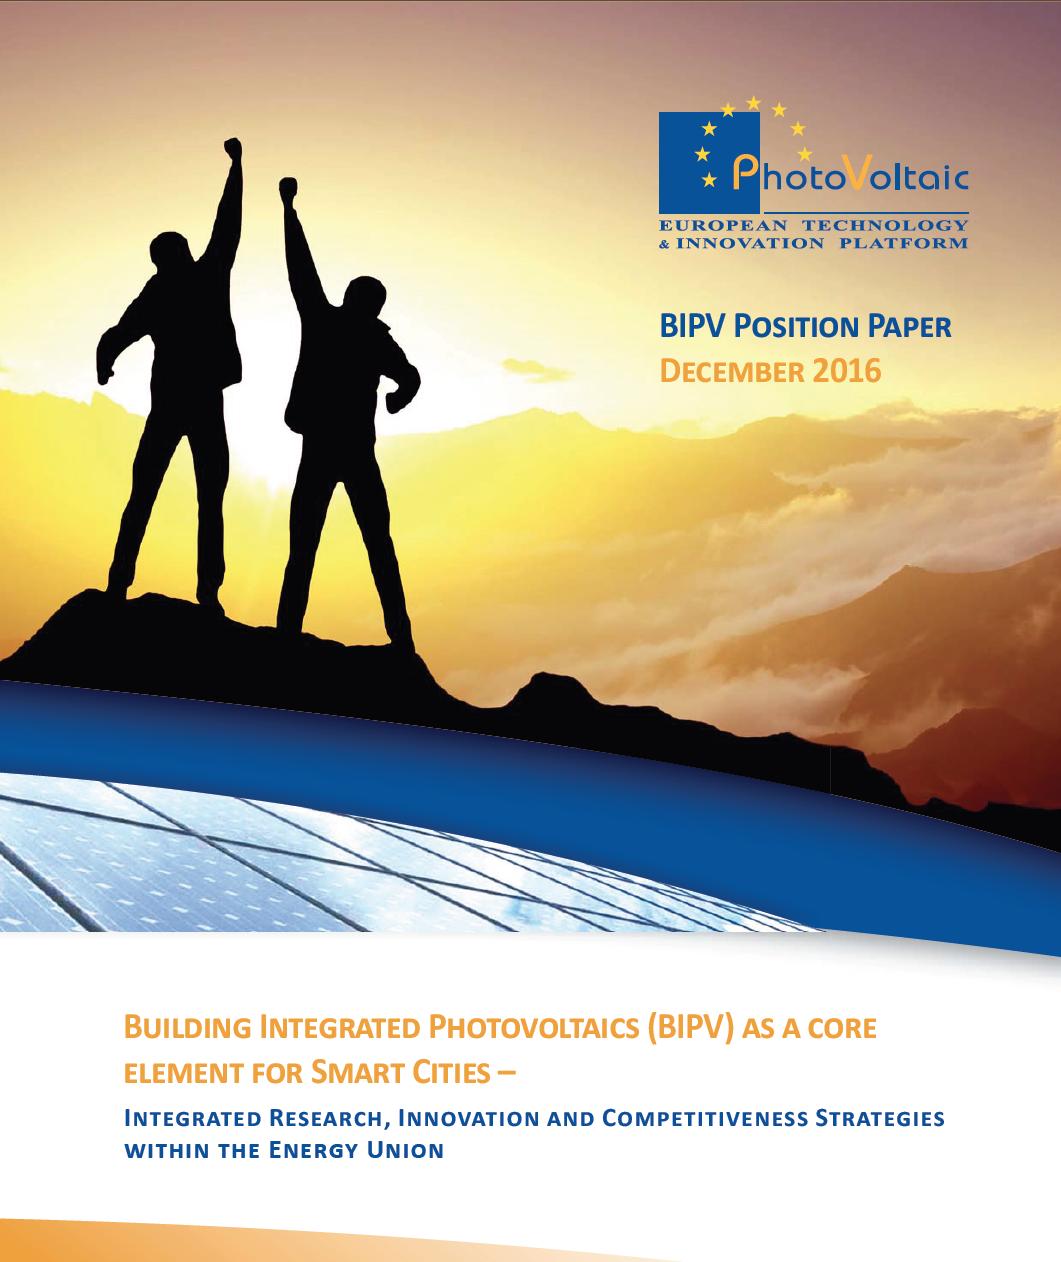 DECEMBER 2016 BIPV Position Paper.PNG